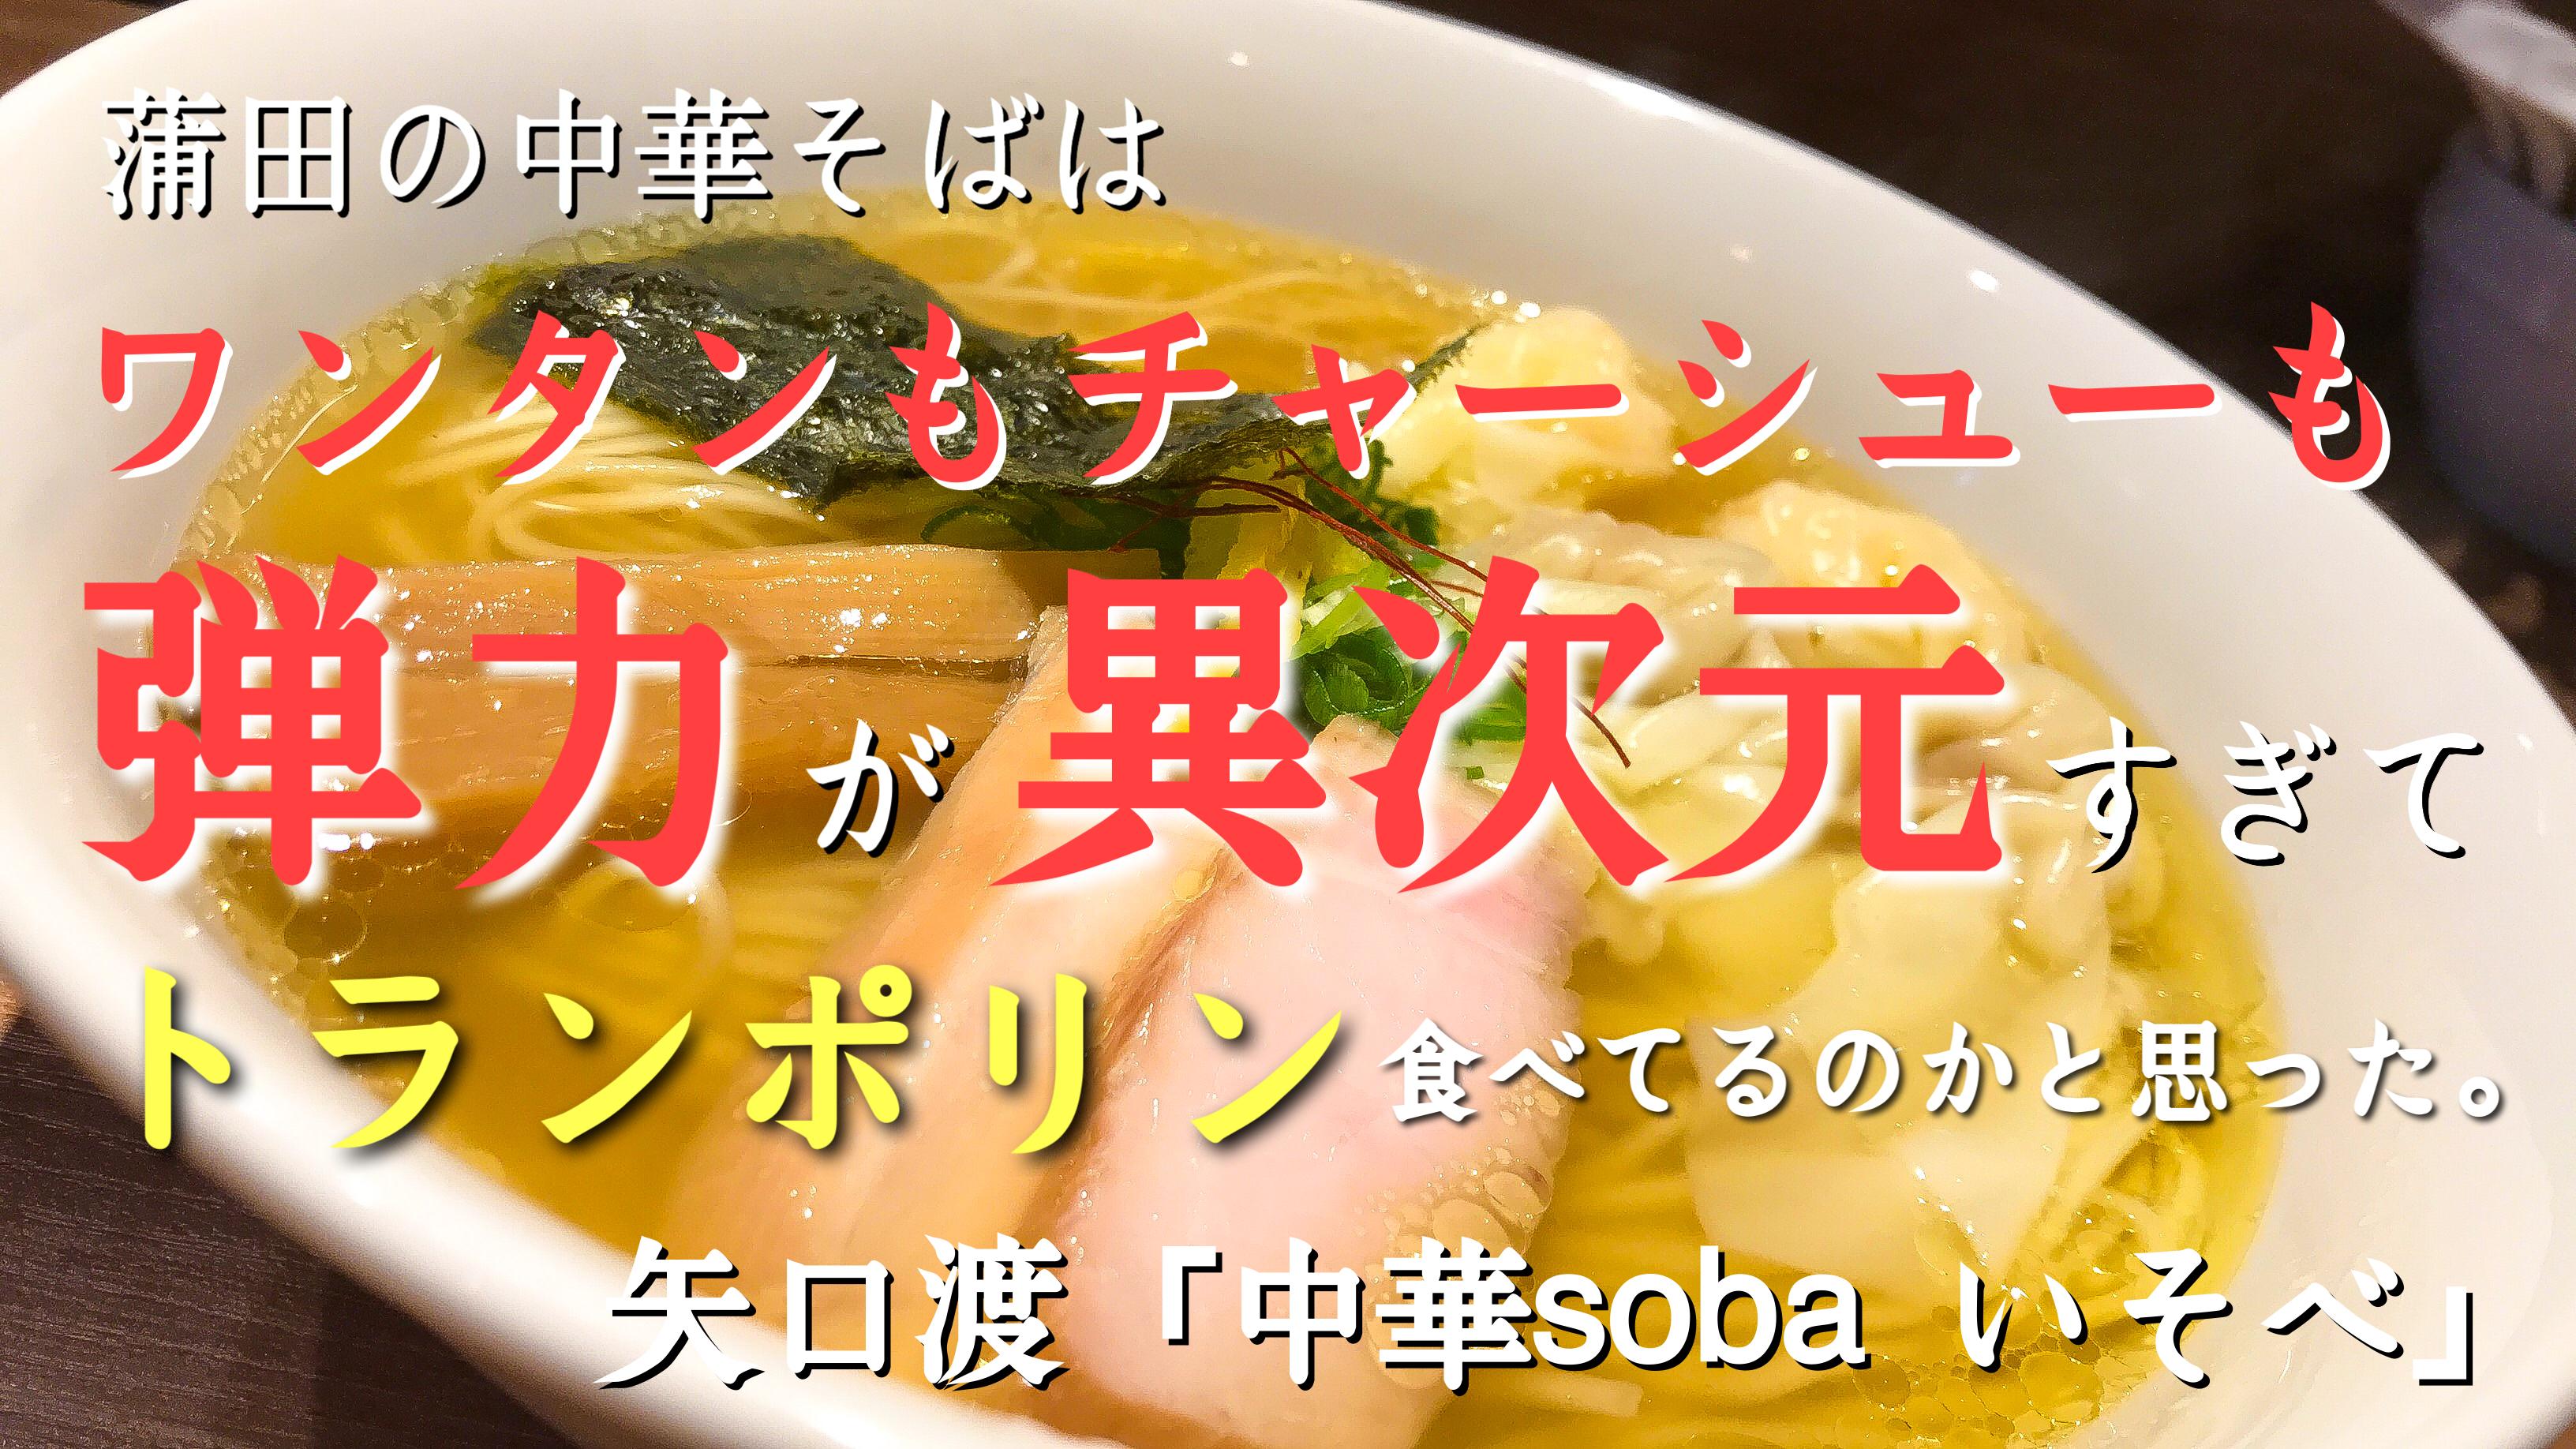 矢口渡「中華soba いそべ」蒲田の中華そばはワンタンもチャーシューも弾力が異次元すぎてトランポリン食べてるのかと思った。